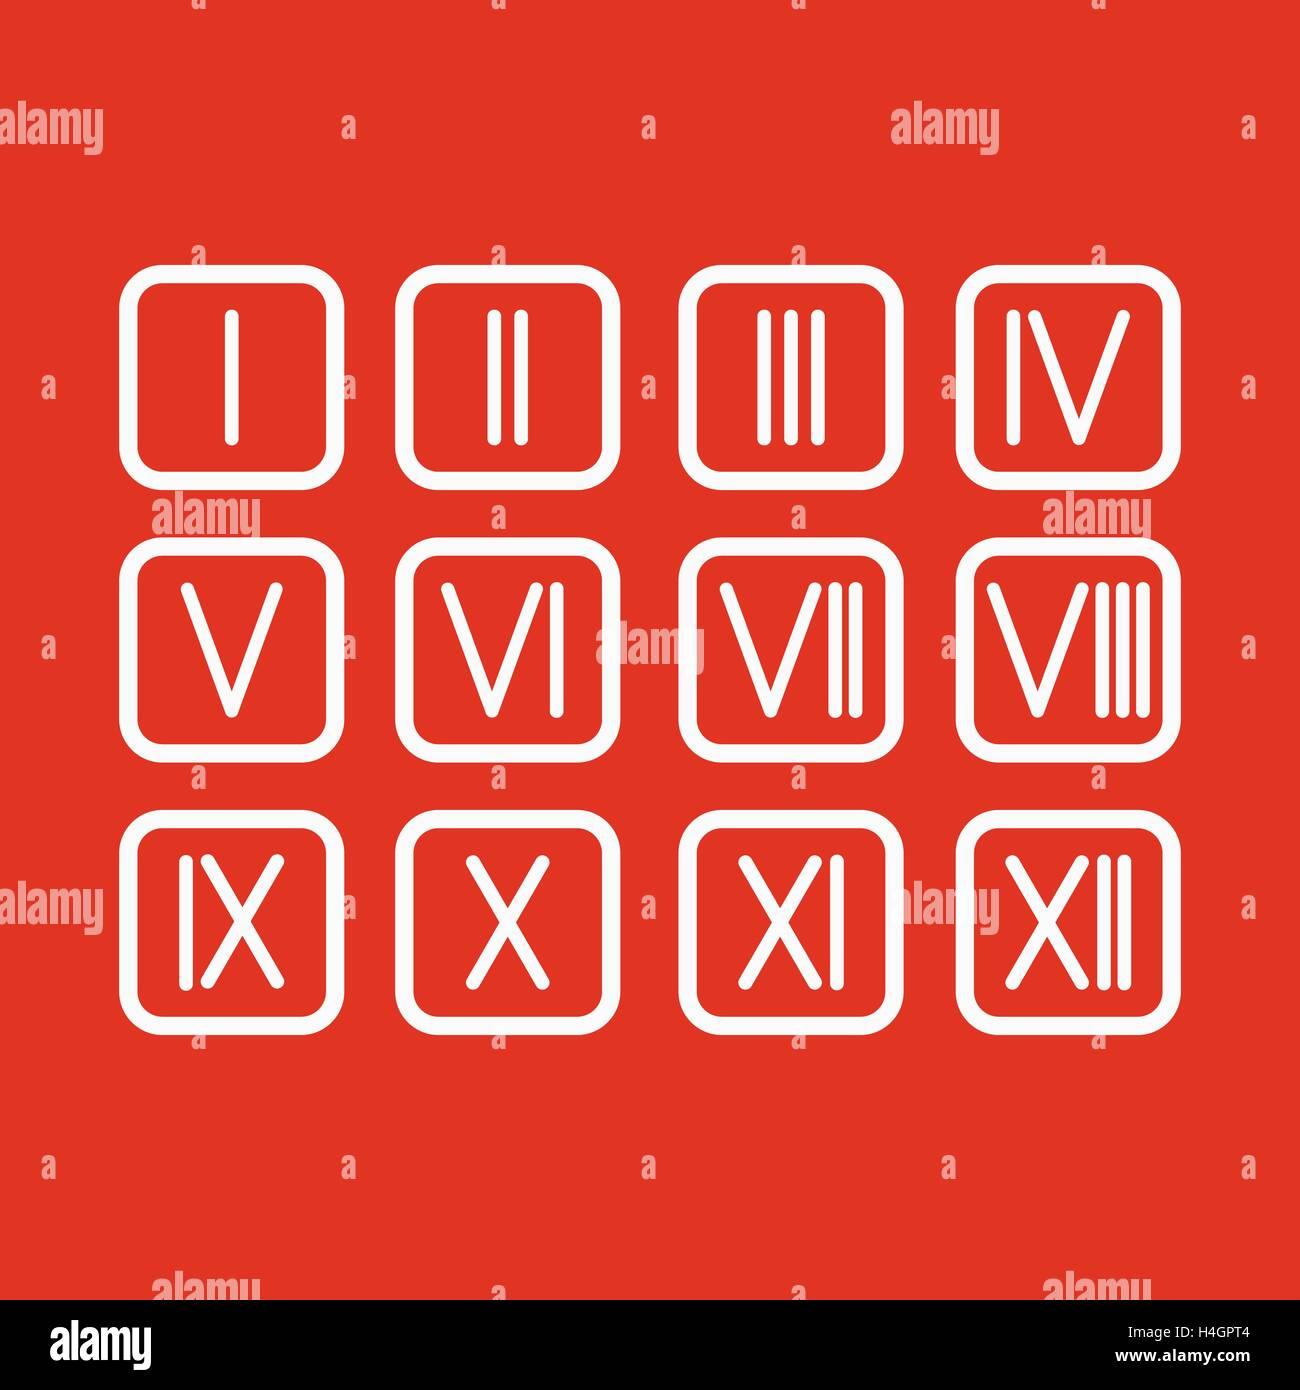 Establecer Números Romanos 1 12 Icono Ilustración Del Vector Imagen